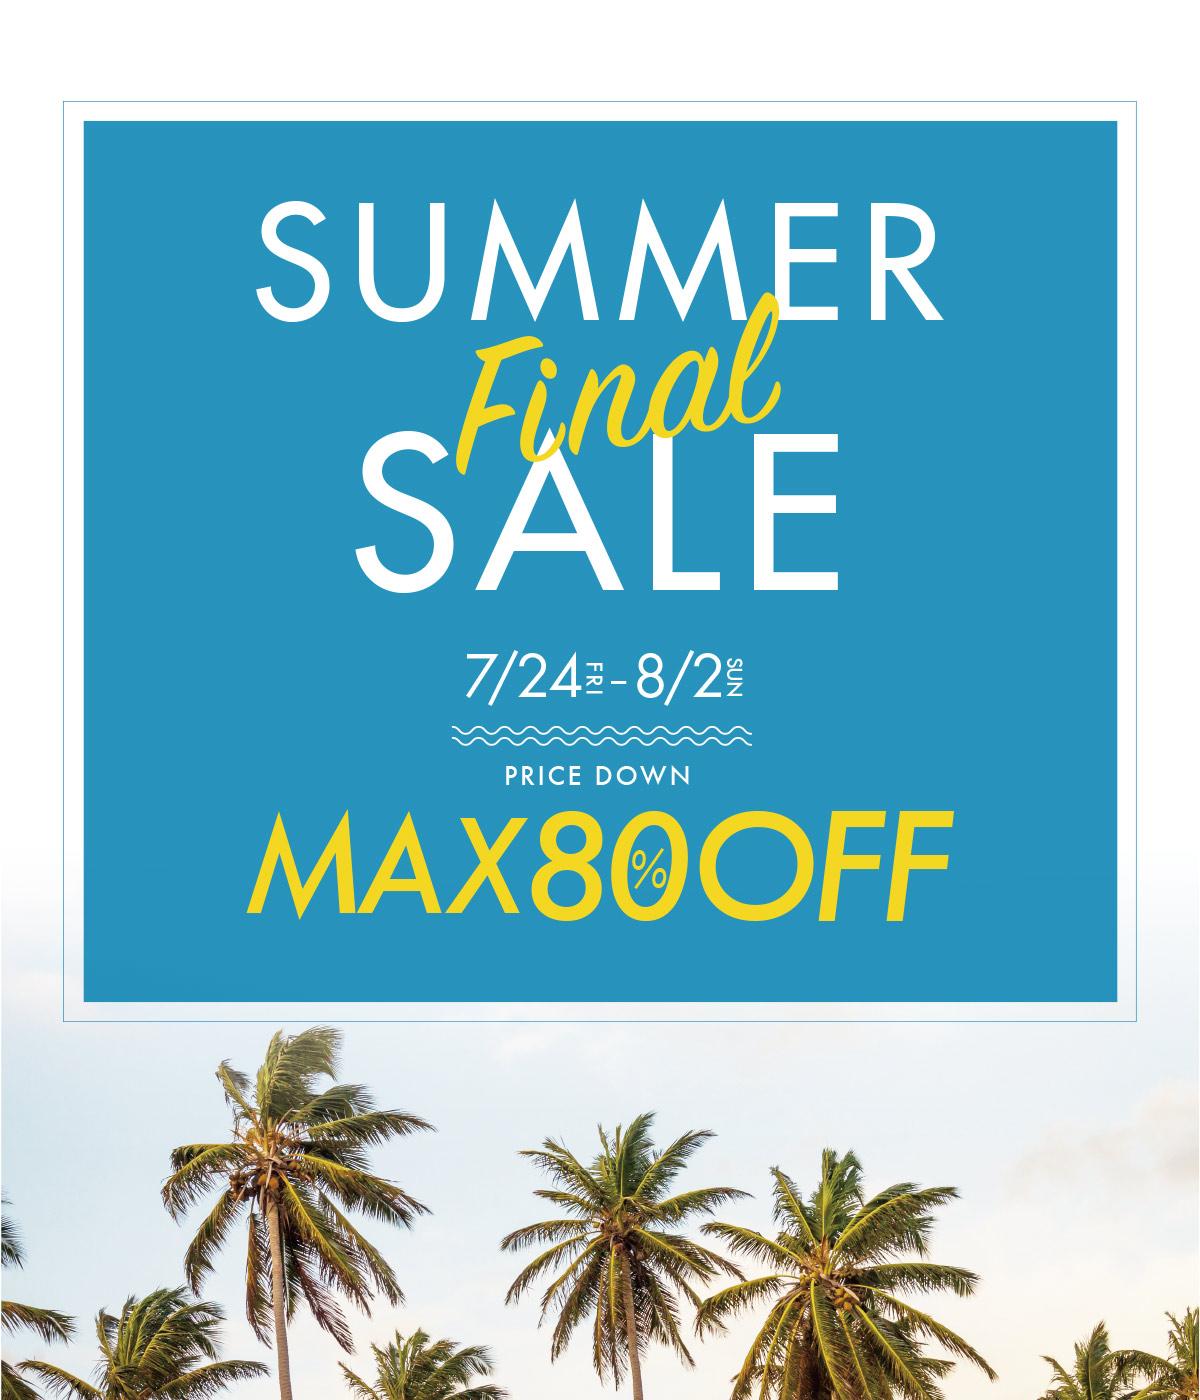 スタイル・ヨギー FINAL SALE MAX 80%OFF !! 7/24〜8/2